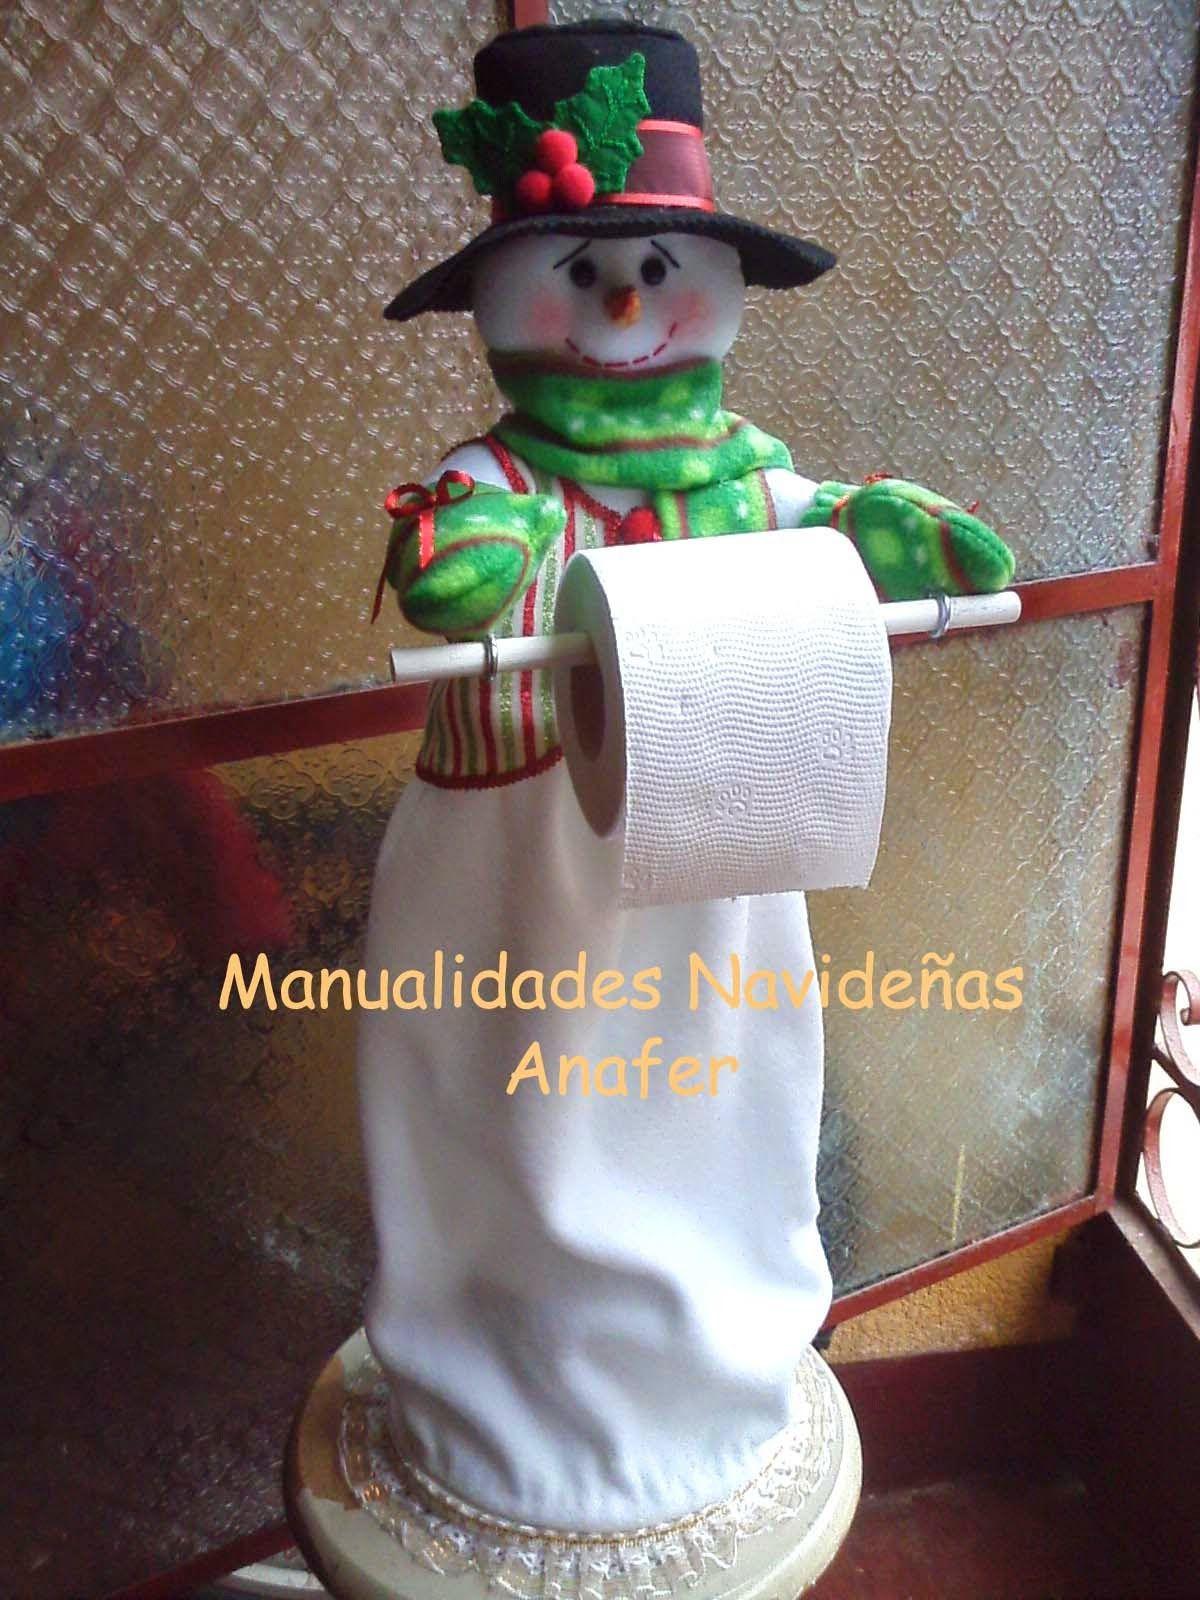 Manualidades navide as anafer mu ecos navide os for Navidad adornos manualidades navidenas